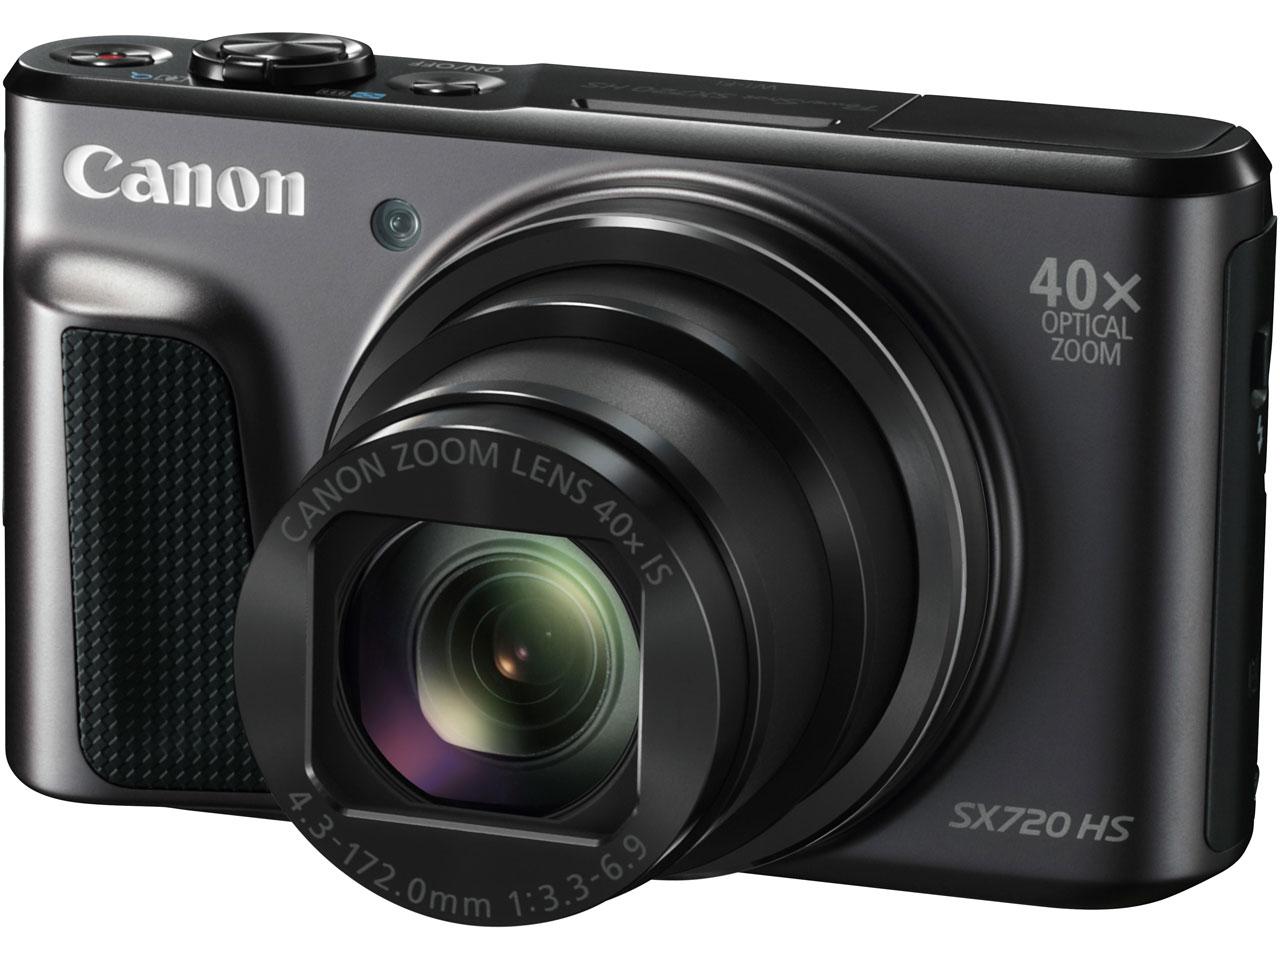 PowerShot SX720 HS [ブラック] の製品画像